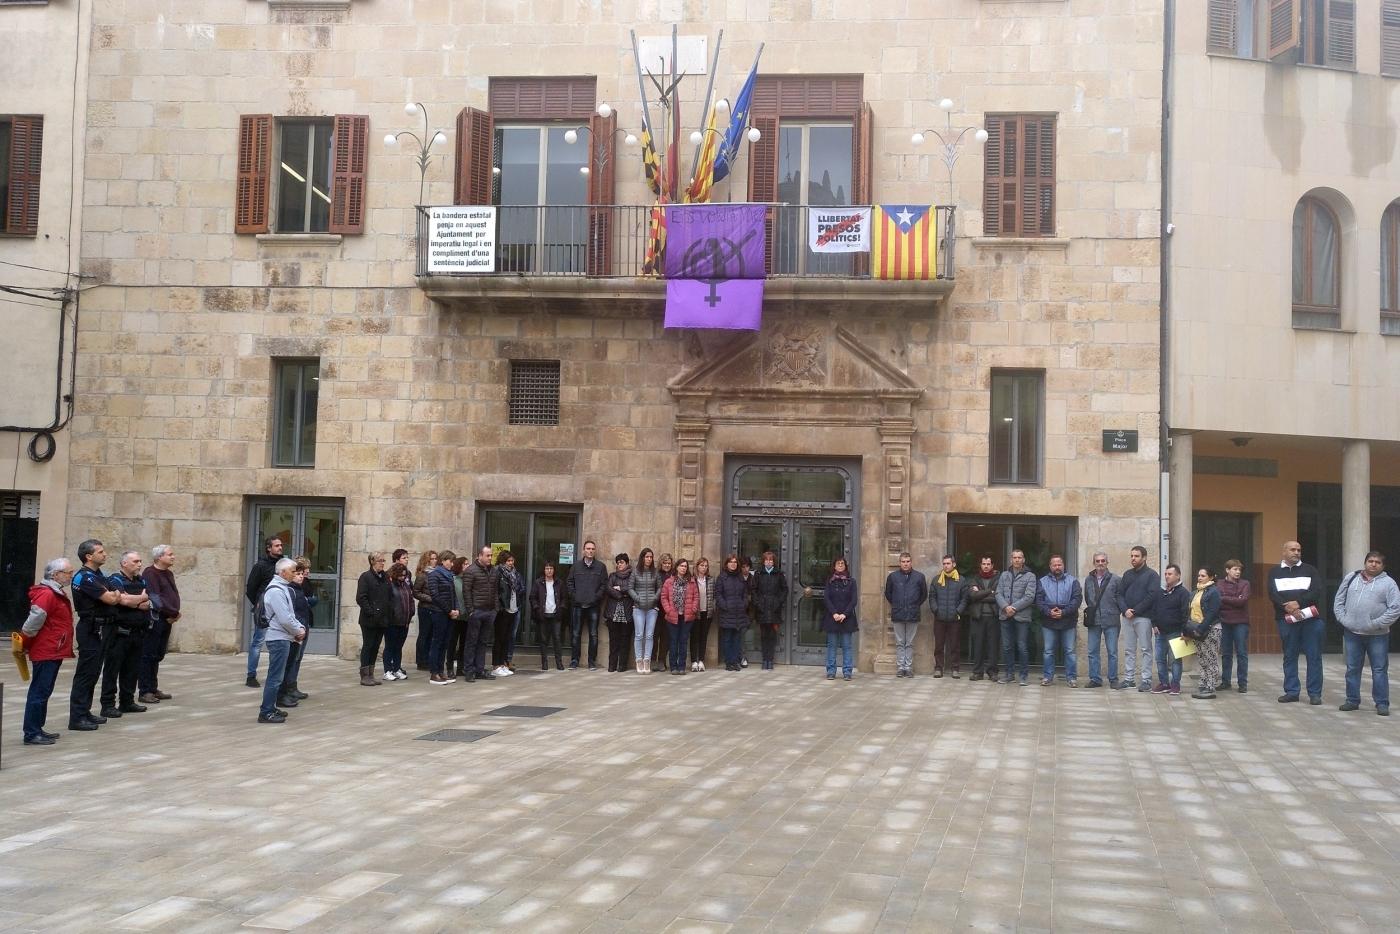 L'Ajuntament de Tàrrega se suma al dia de dol oficial decretat pel Govern català i fa un minut de silenci en solidaritat amb les víctimes dels aiguats